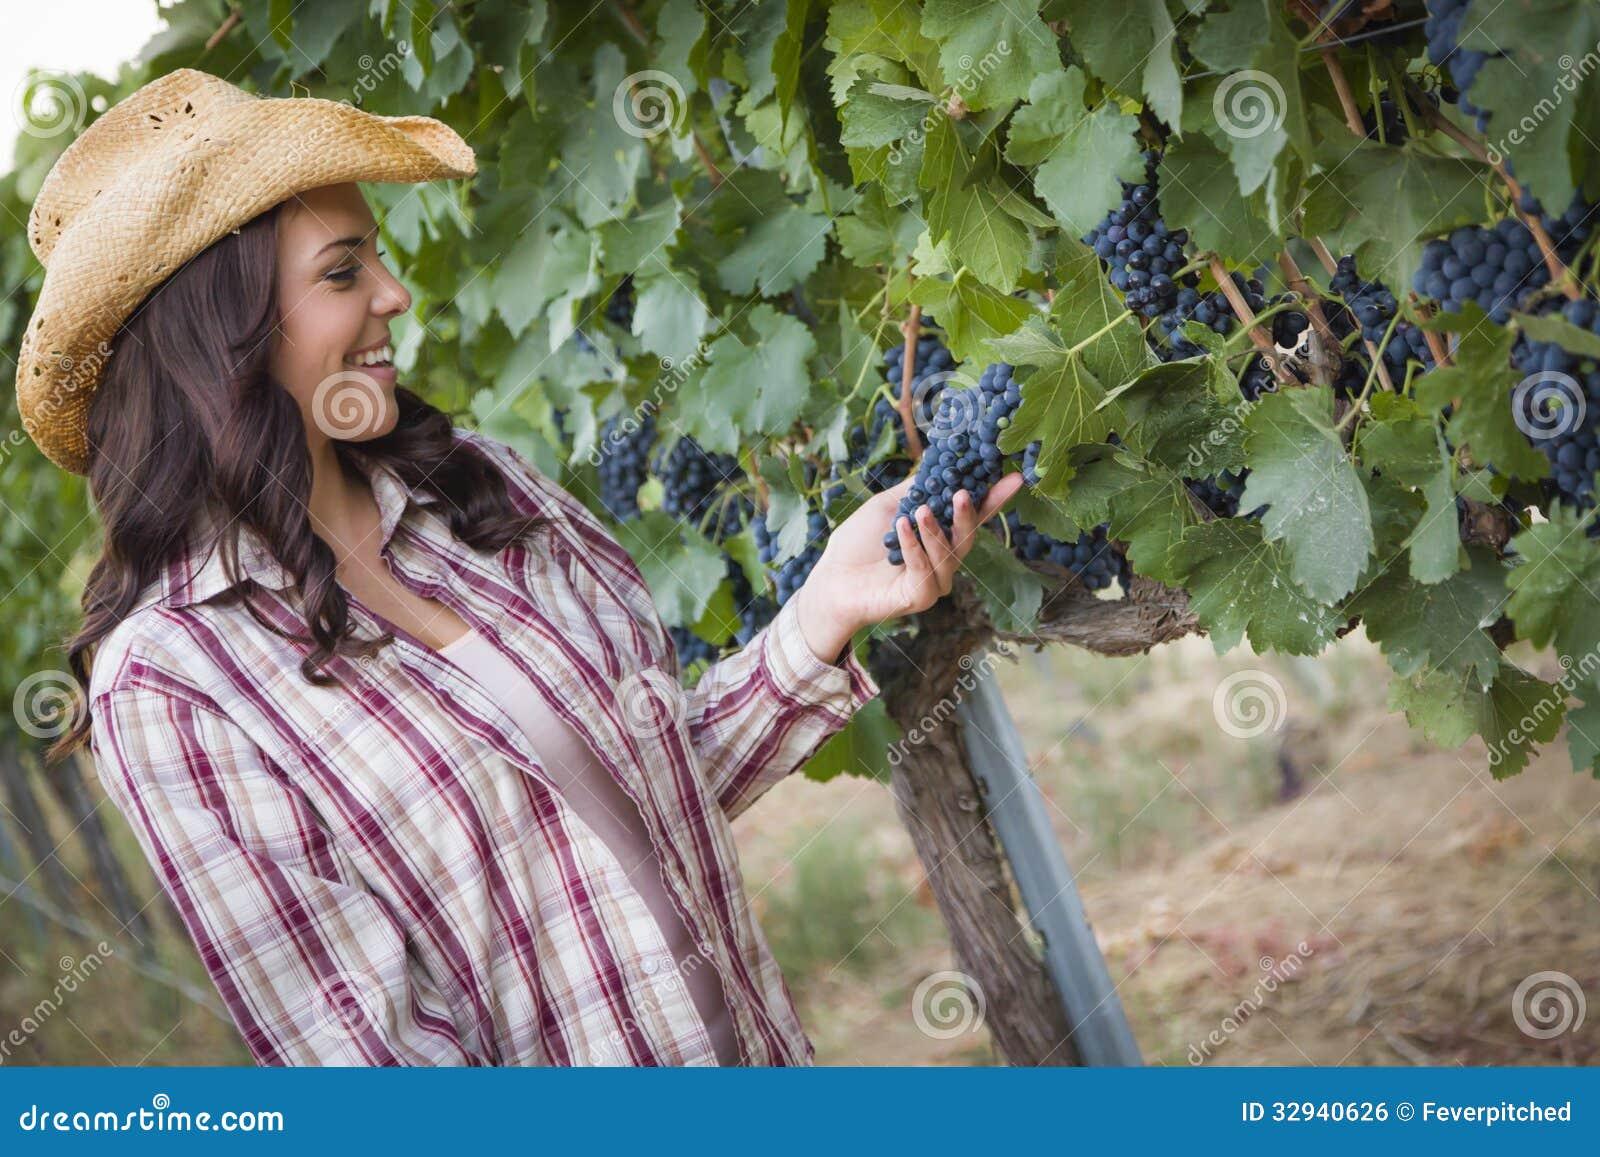 Piękny Żeński rolnik Sprawdza winogrona w winnicy